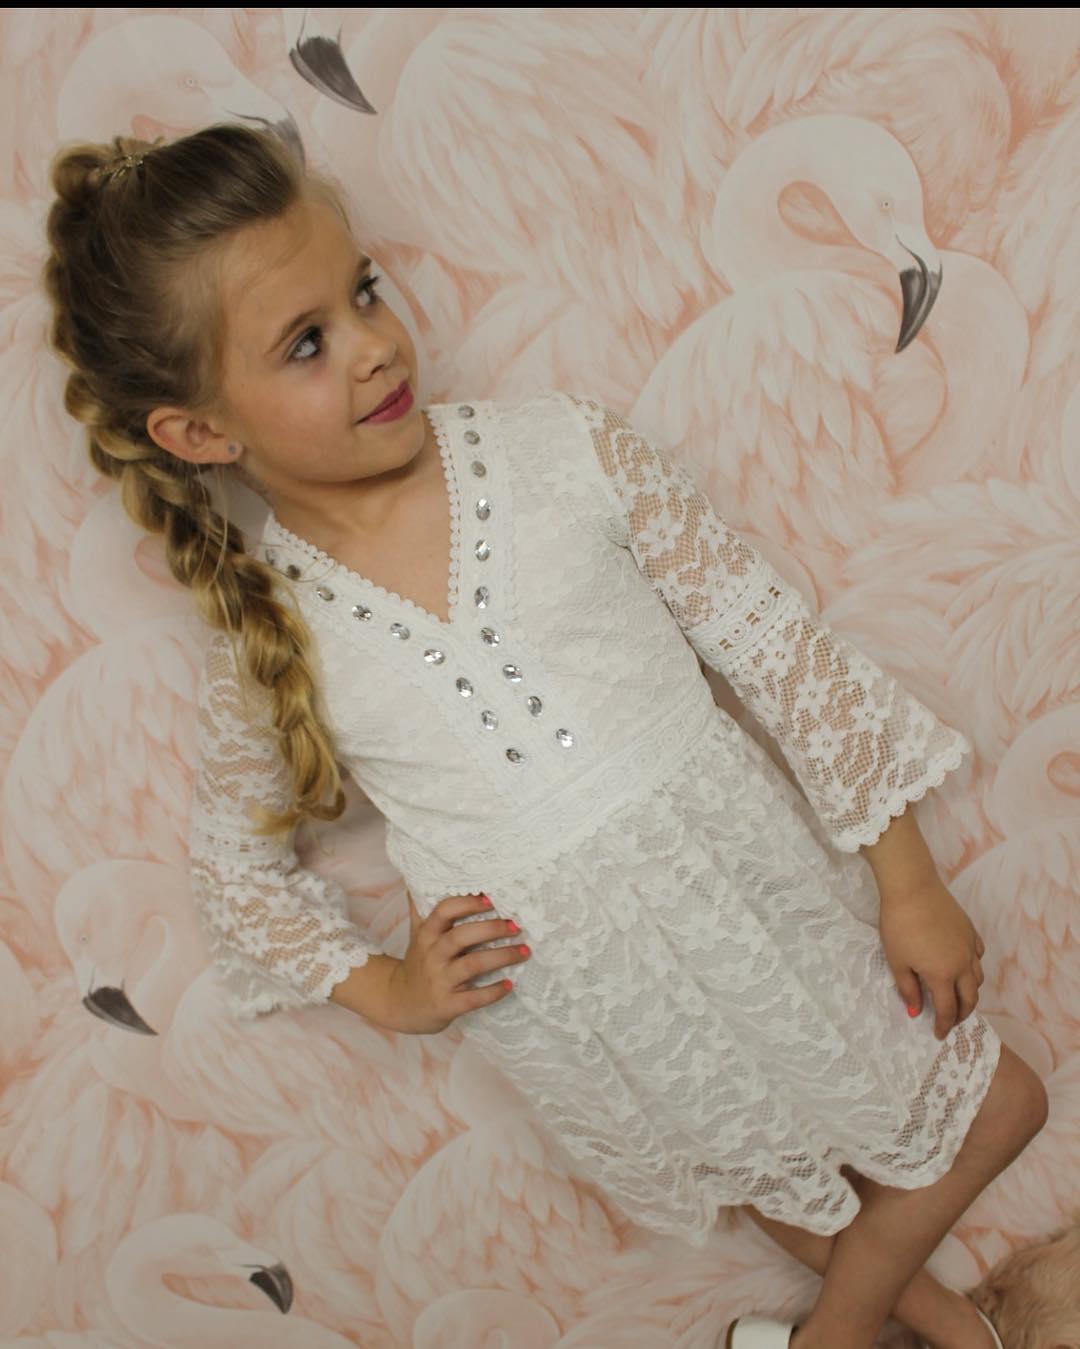 Penteados-de-meninas-Penteados-bonitos-para-fashionistas-pequenas